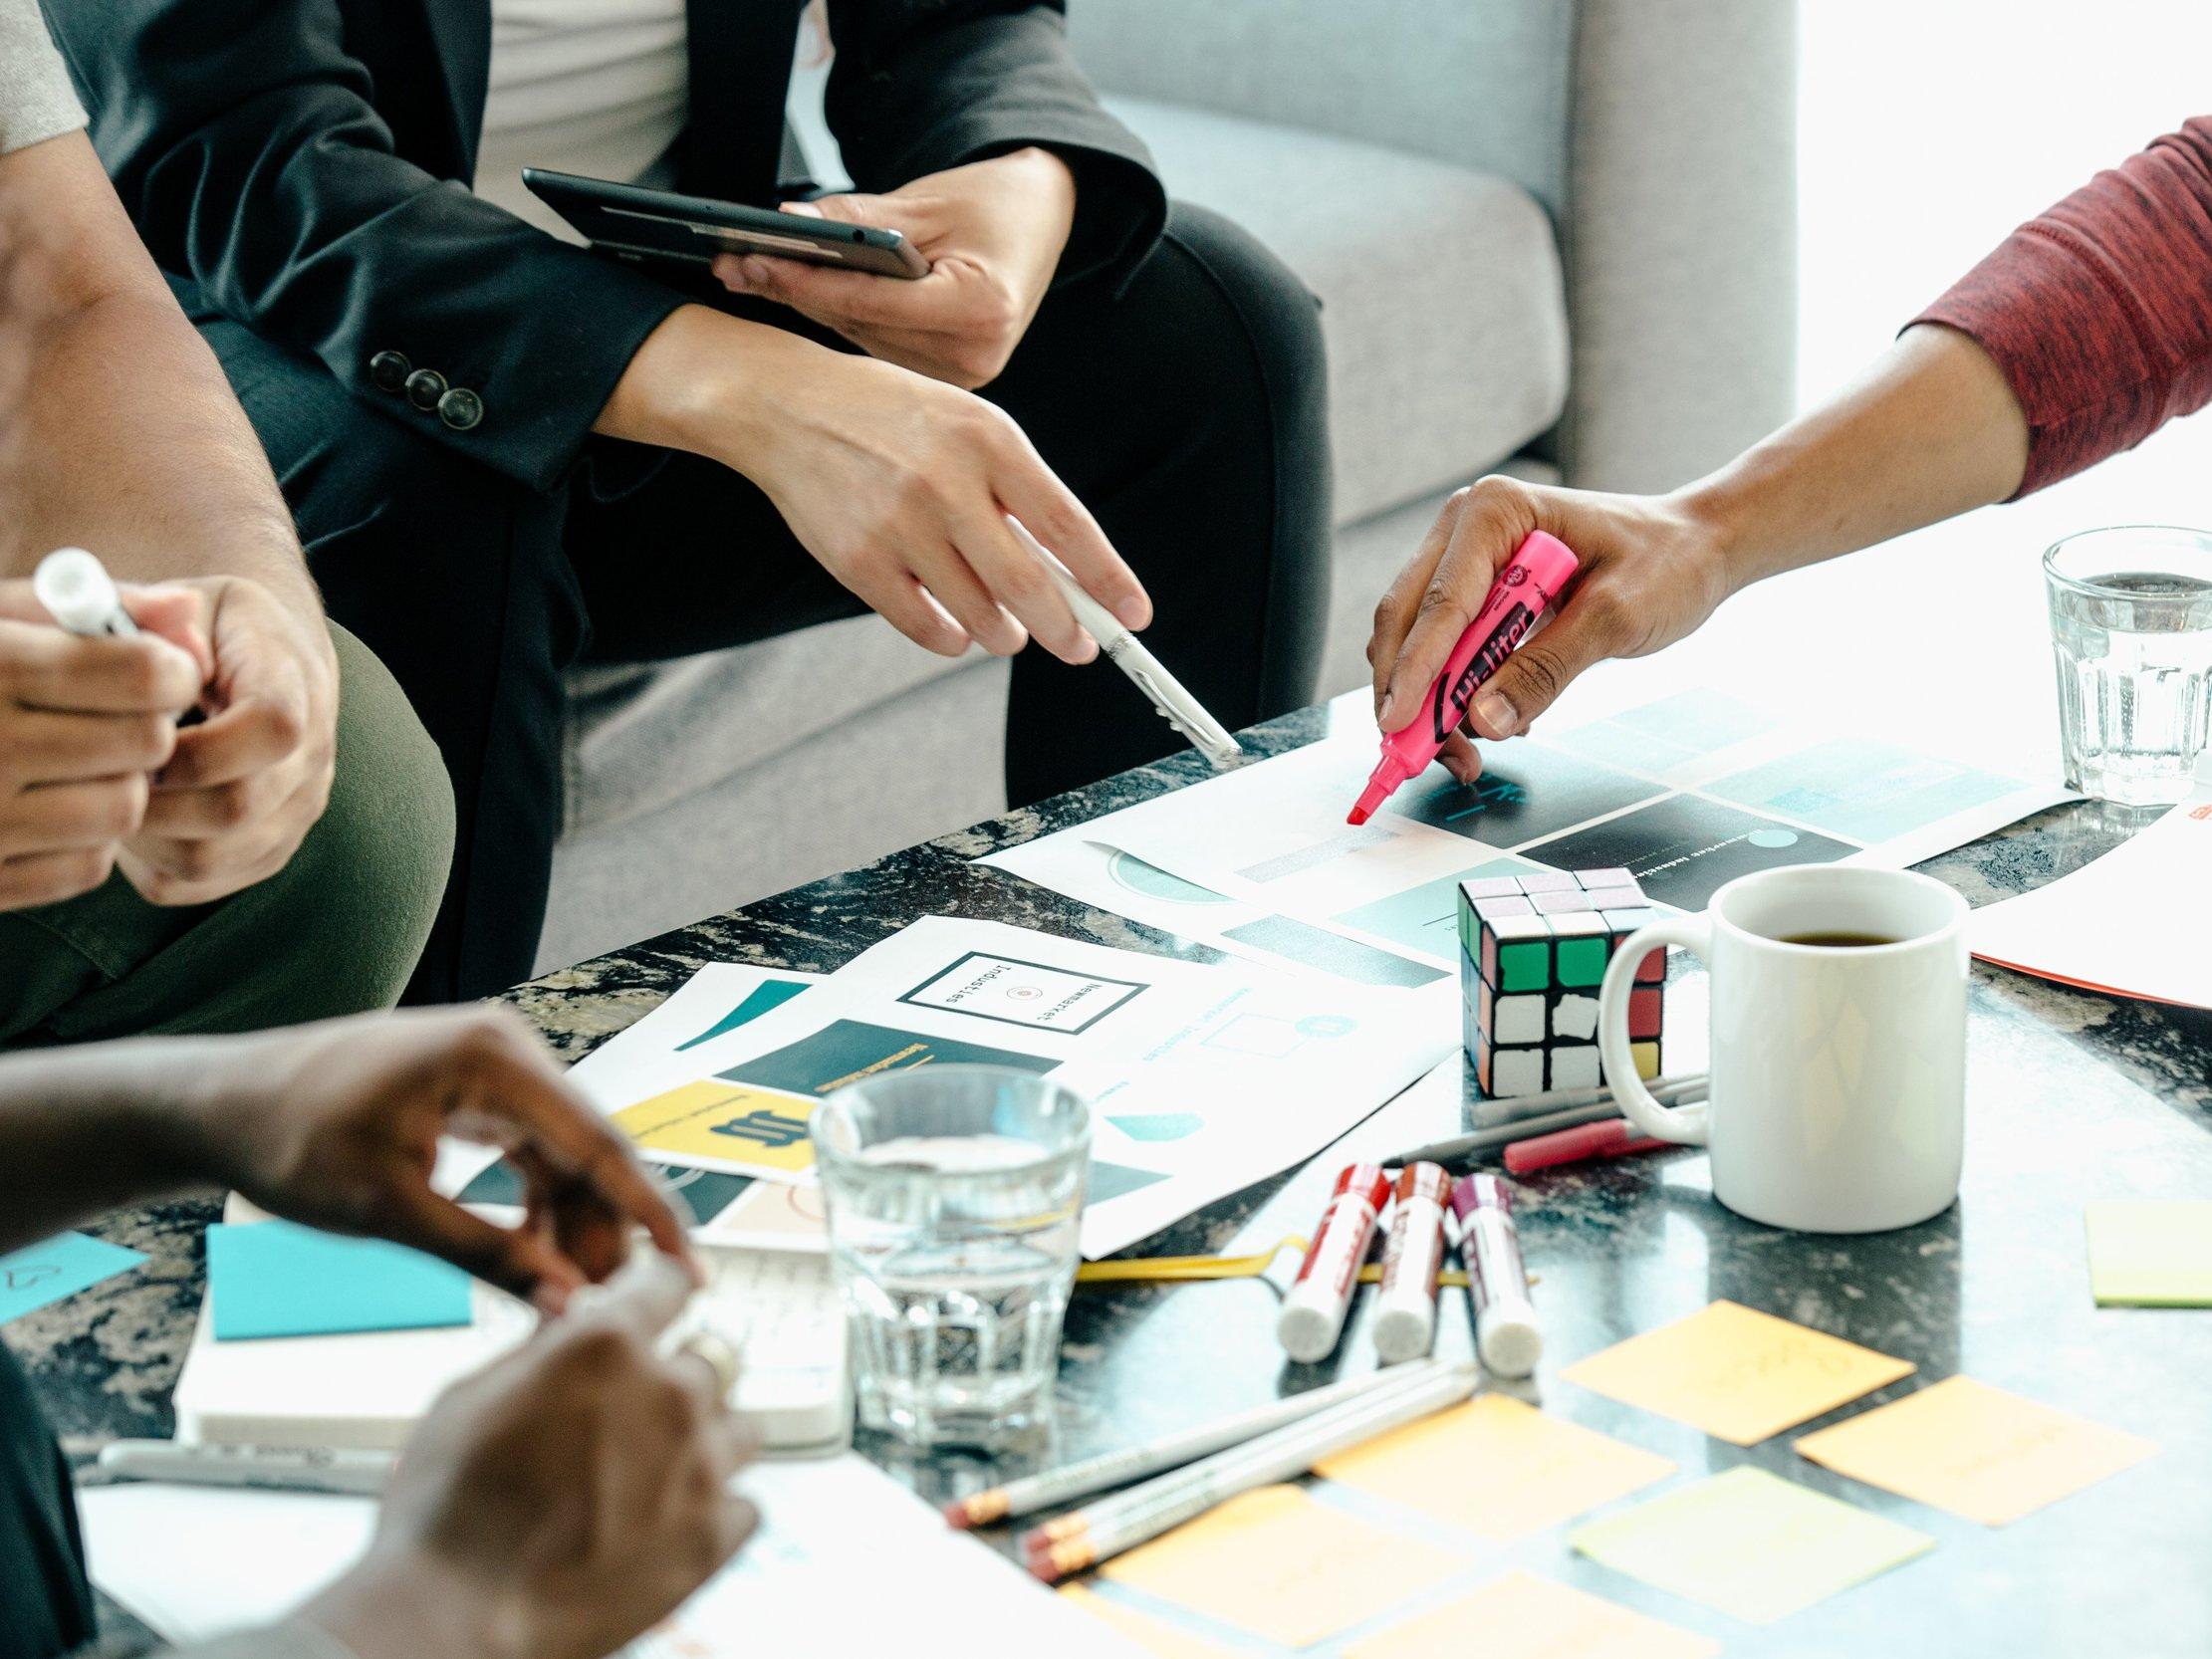 brainstorm-meeting-ideas.jpg